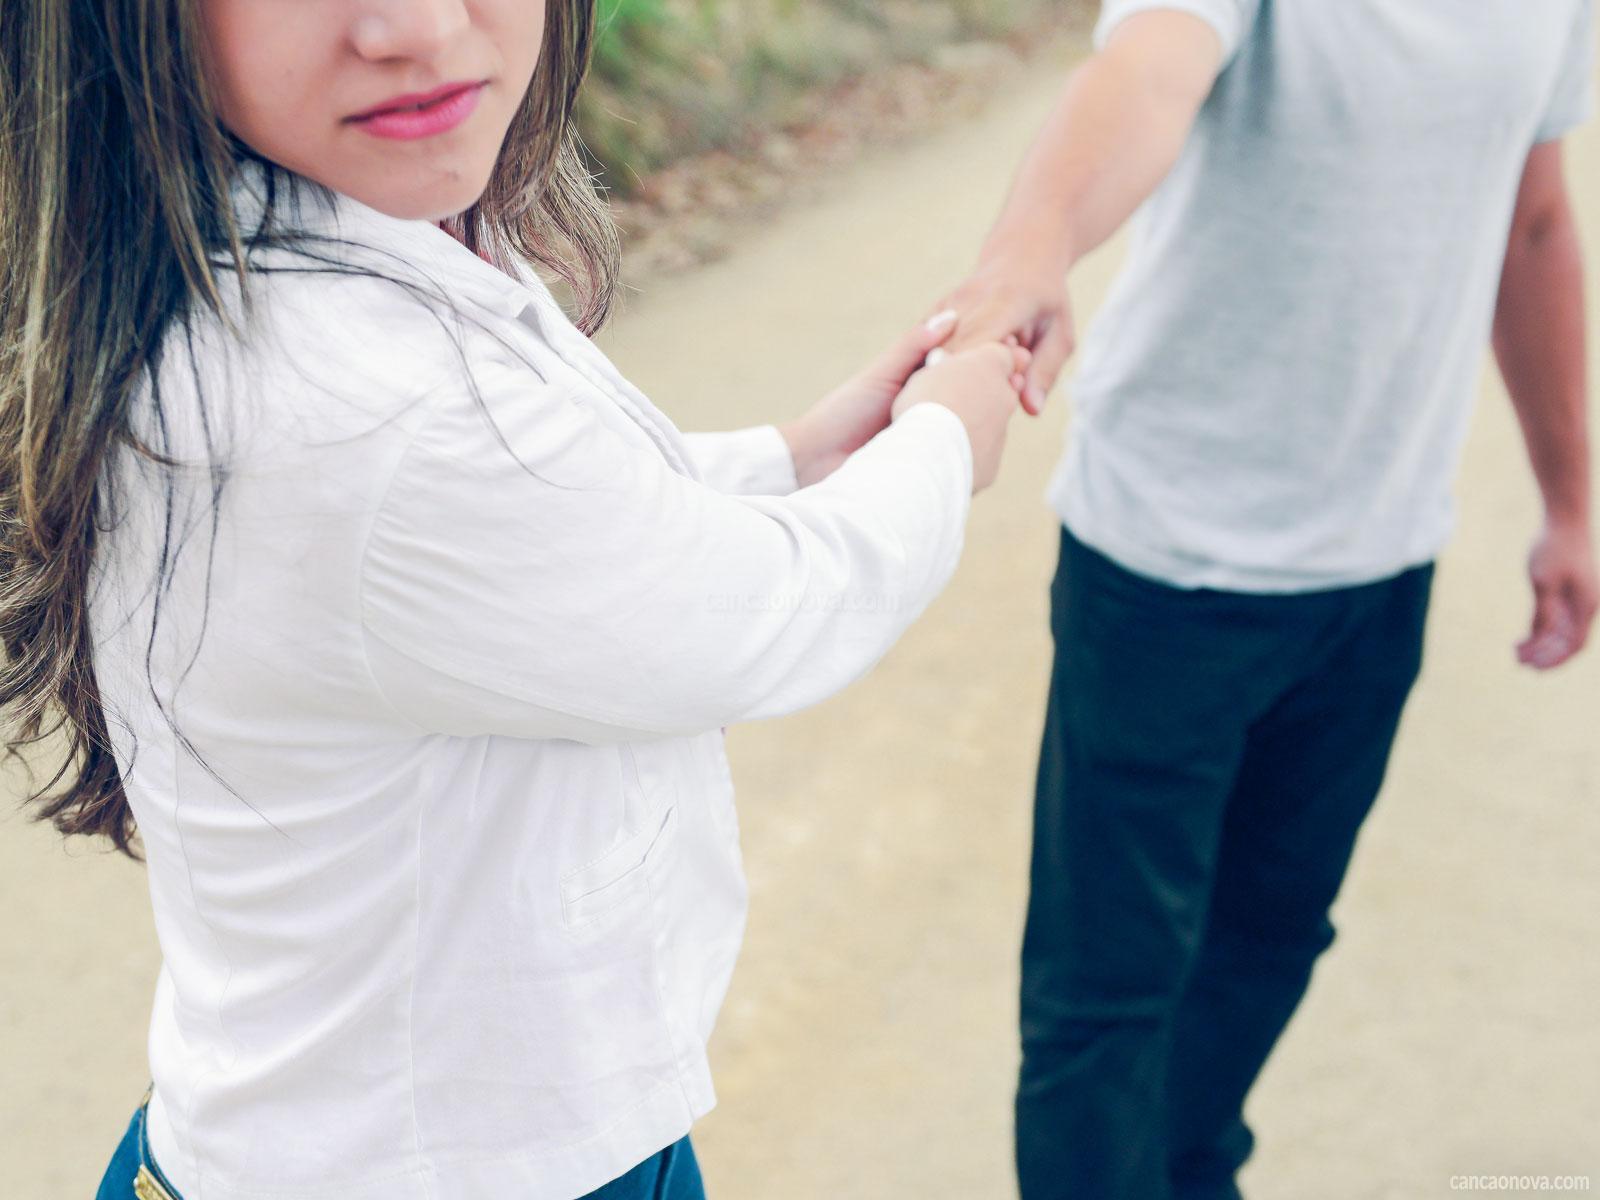 -Meus-pais-precisam-saber-do-meu-relacionamento-amoroso